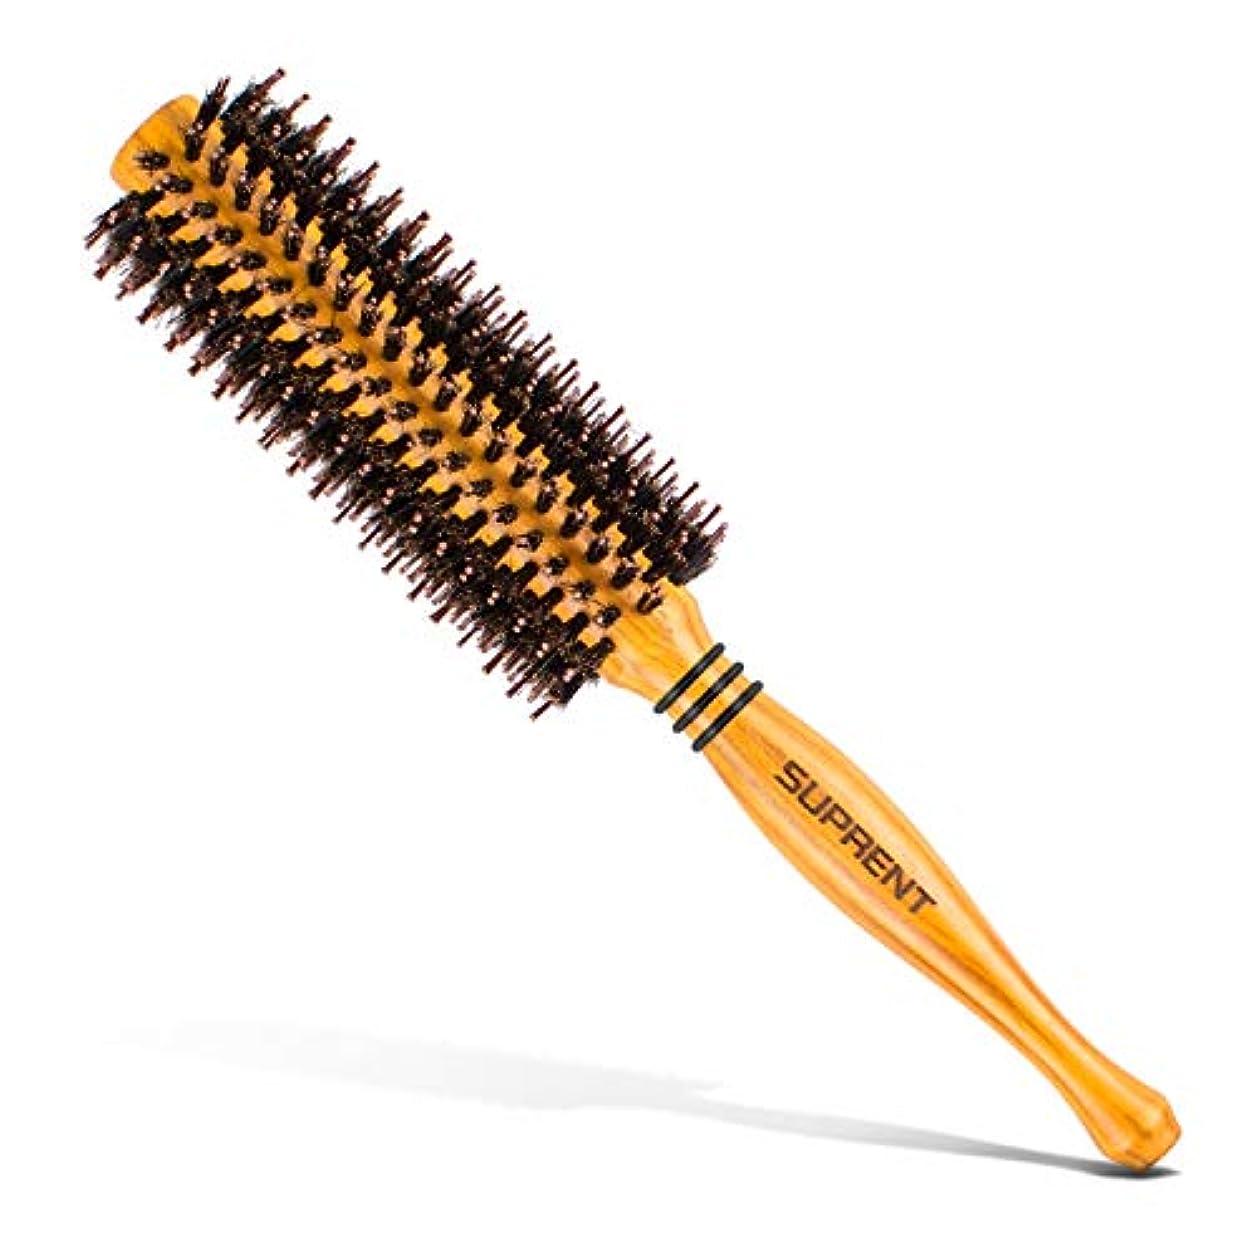 ロールブラシ/ヘアブラシ豚毛カール 木製櫛 スタイリングブラシ 巻き髪 静電気防止